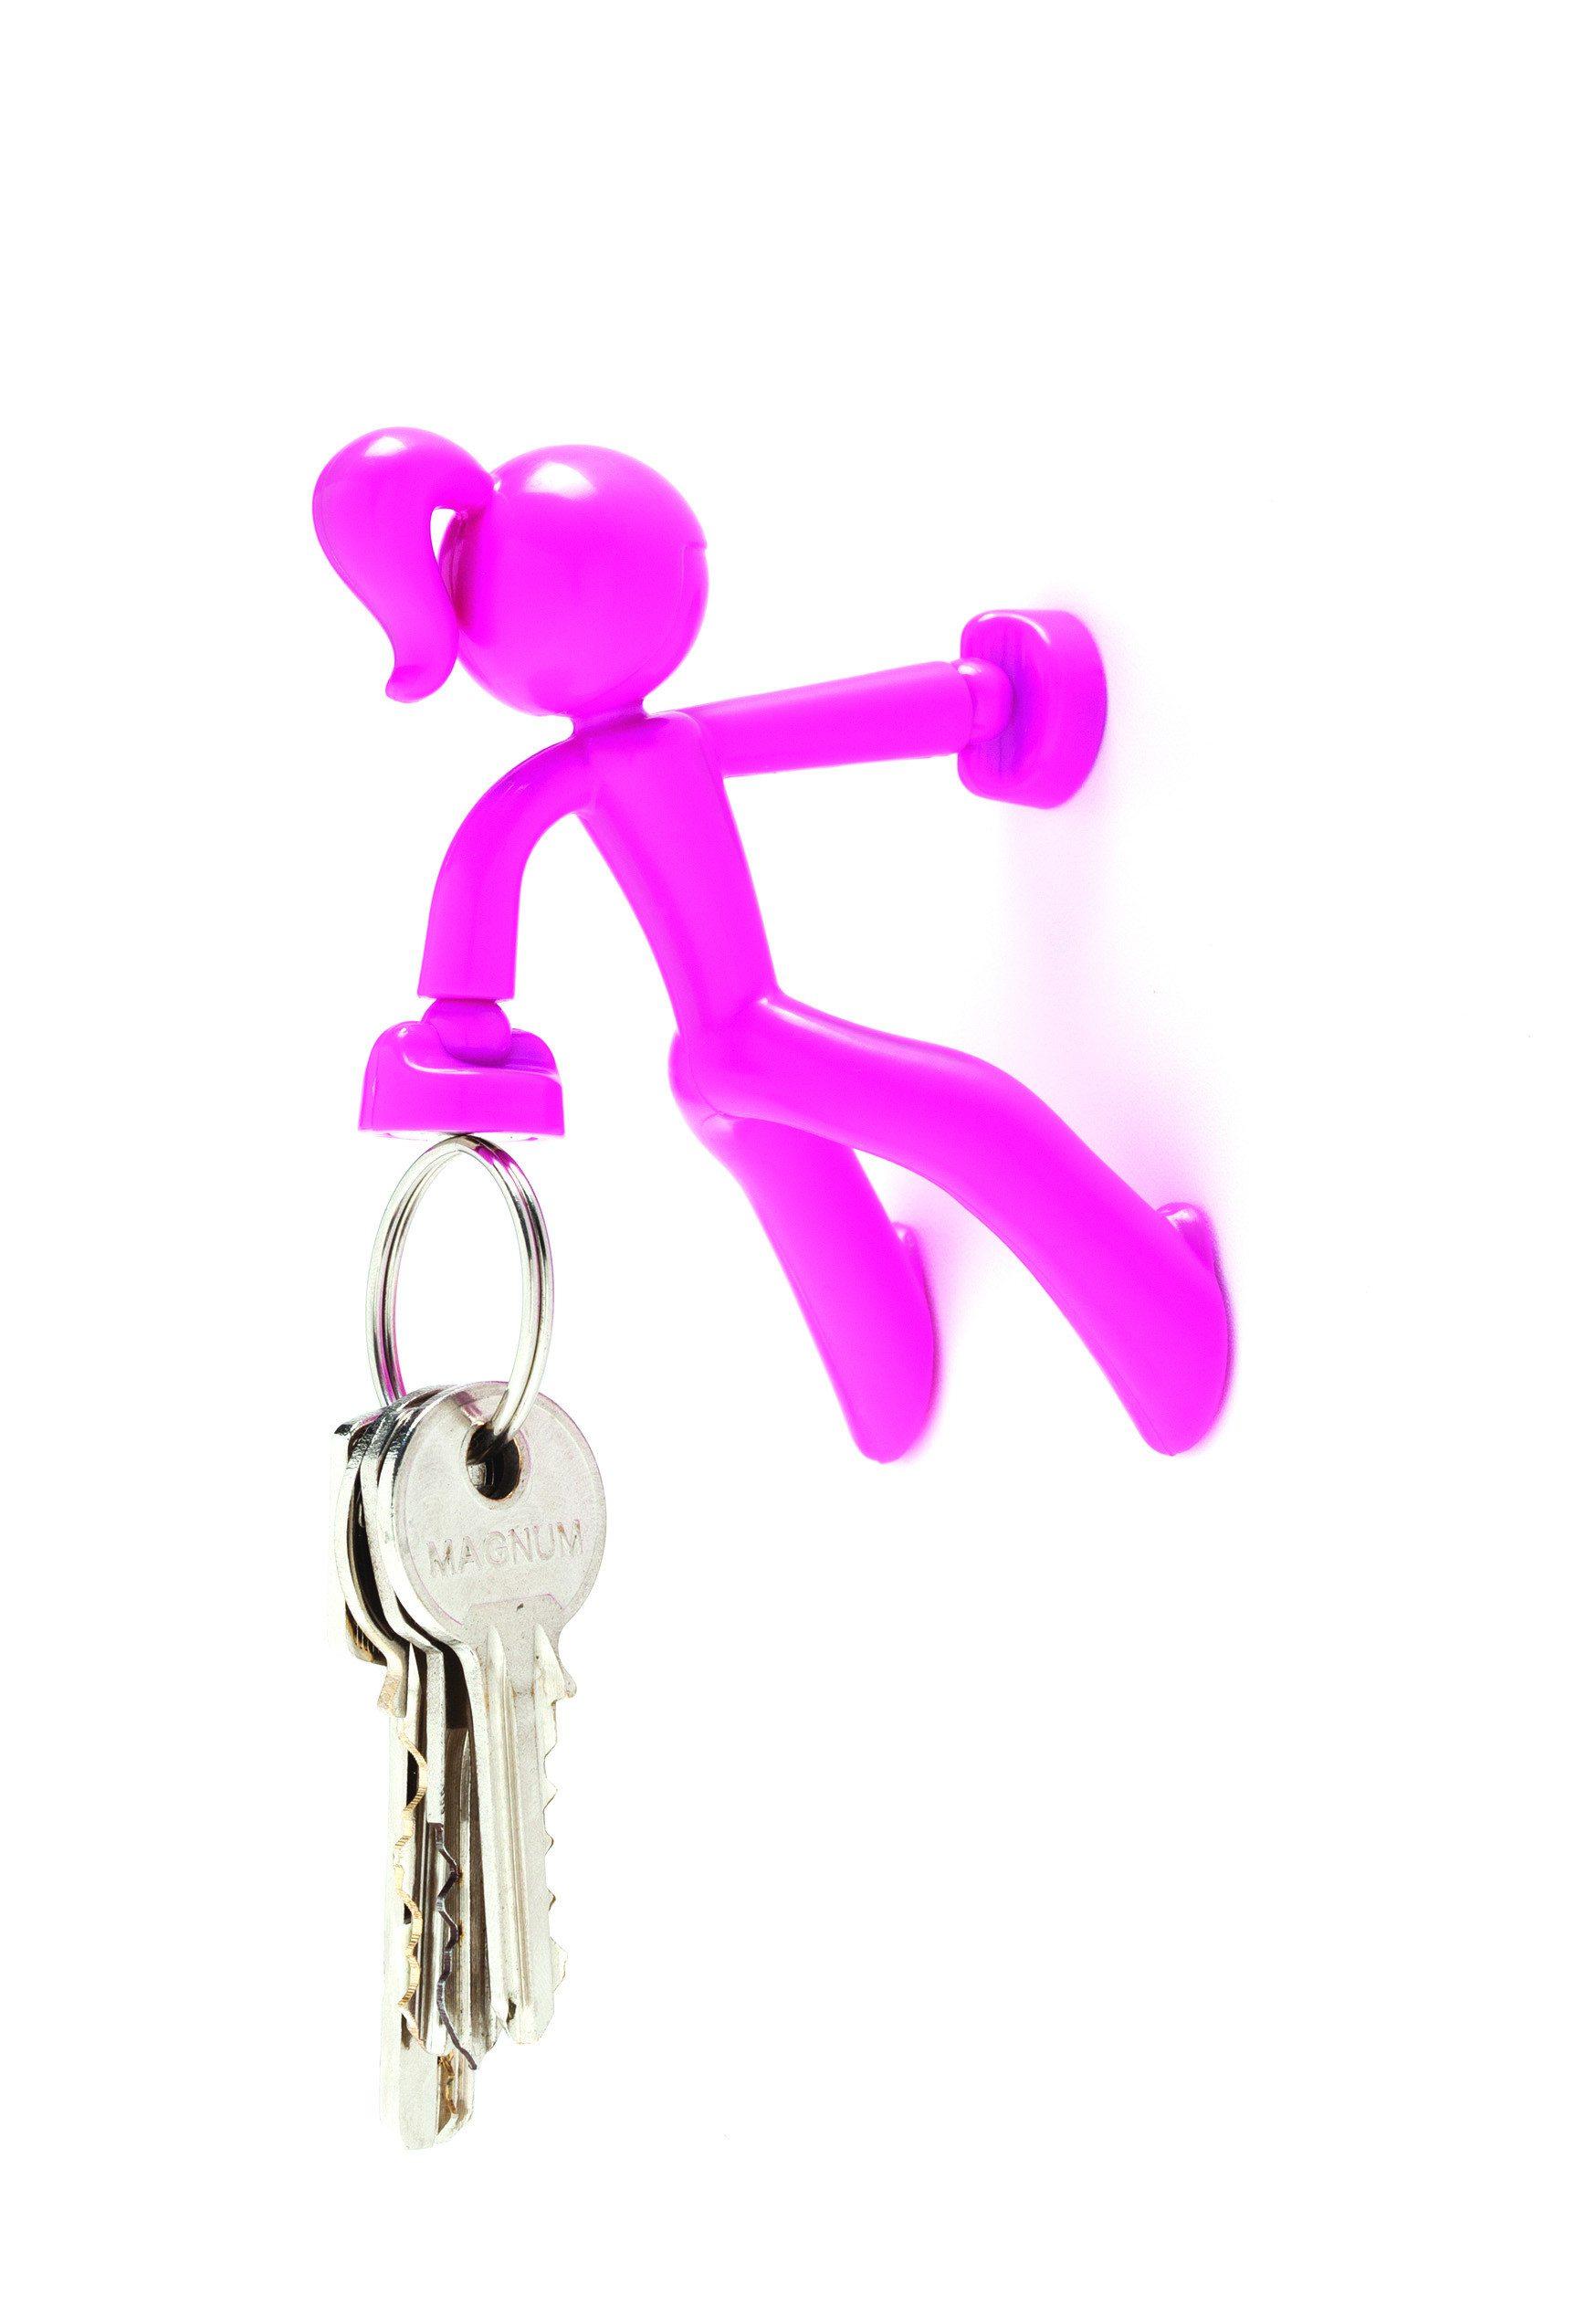 Magnetischer Schlüsselhalter Petite pink